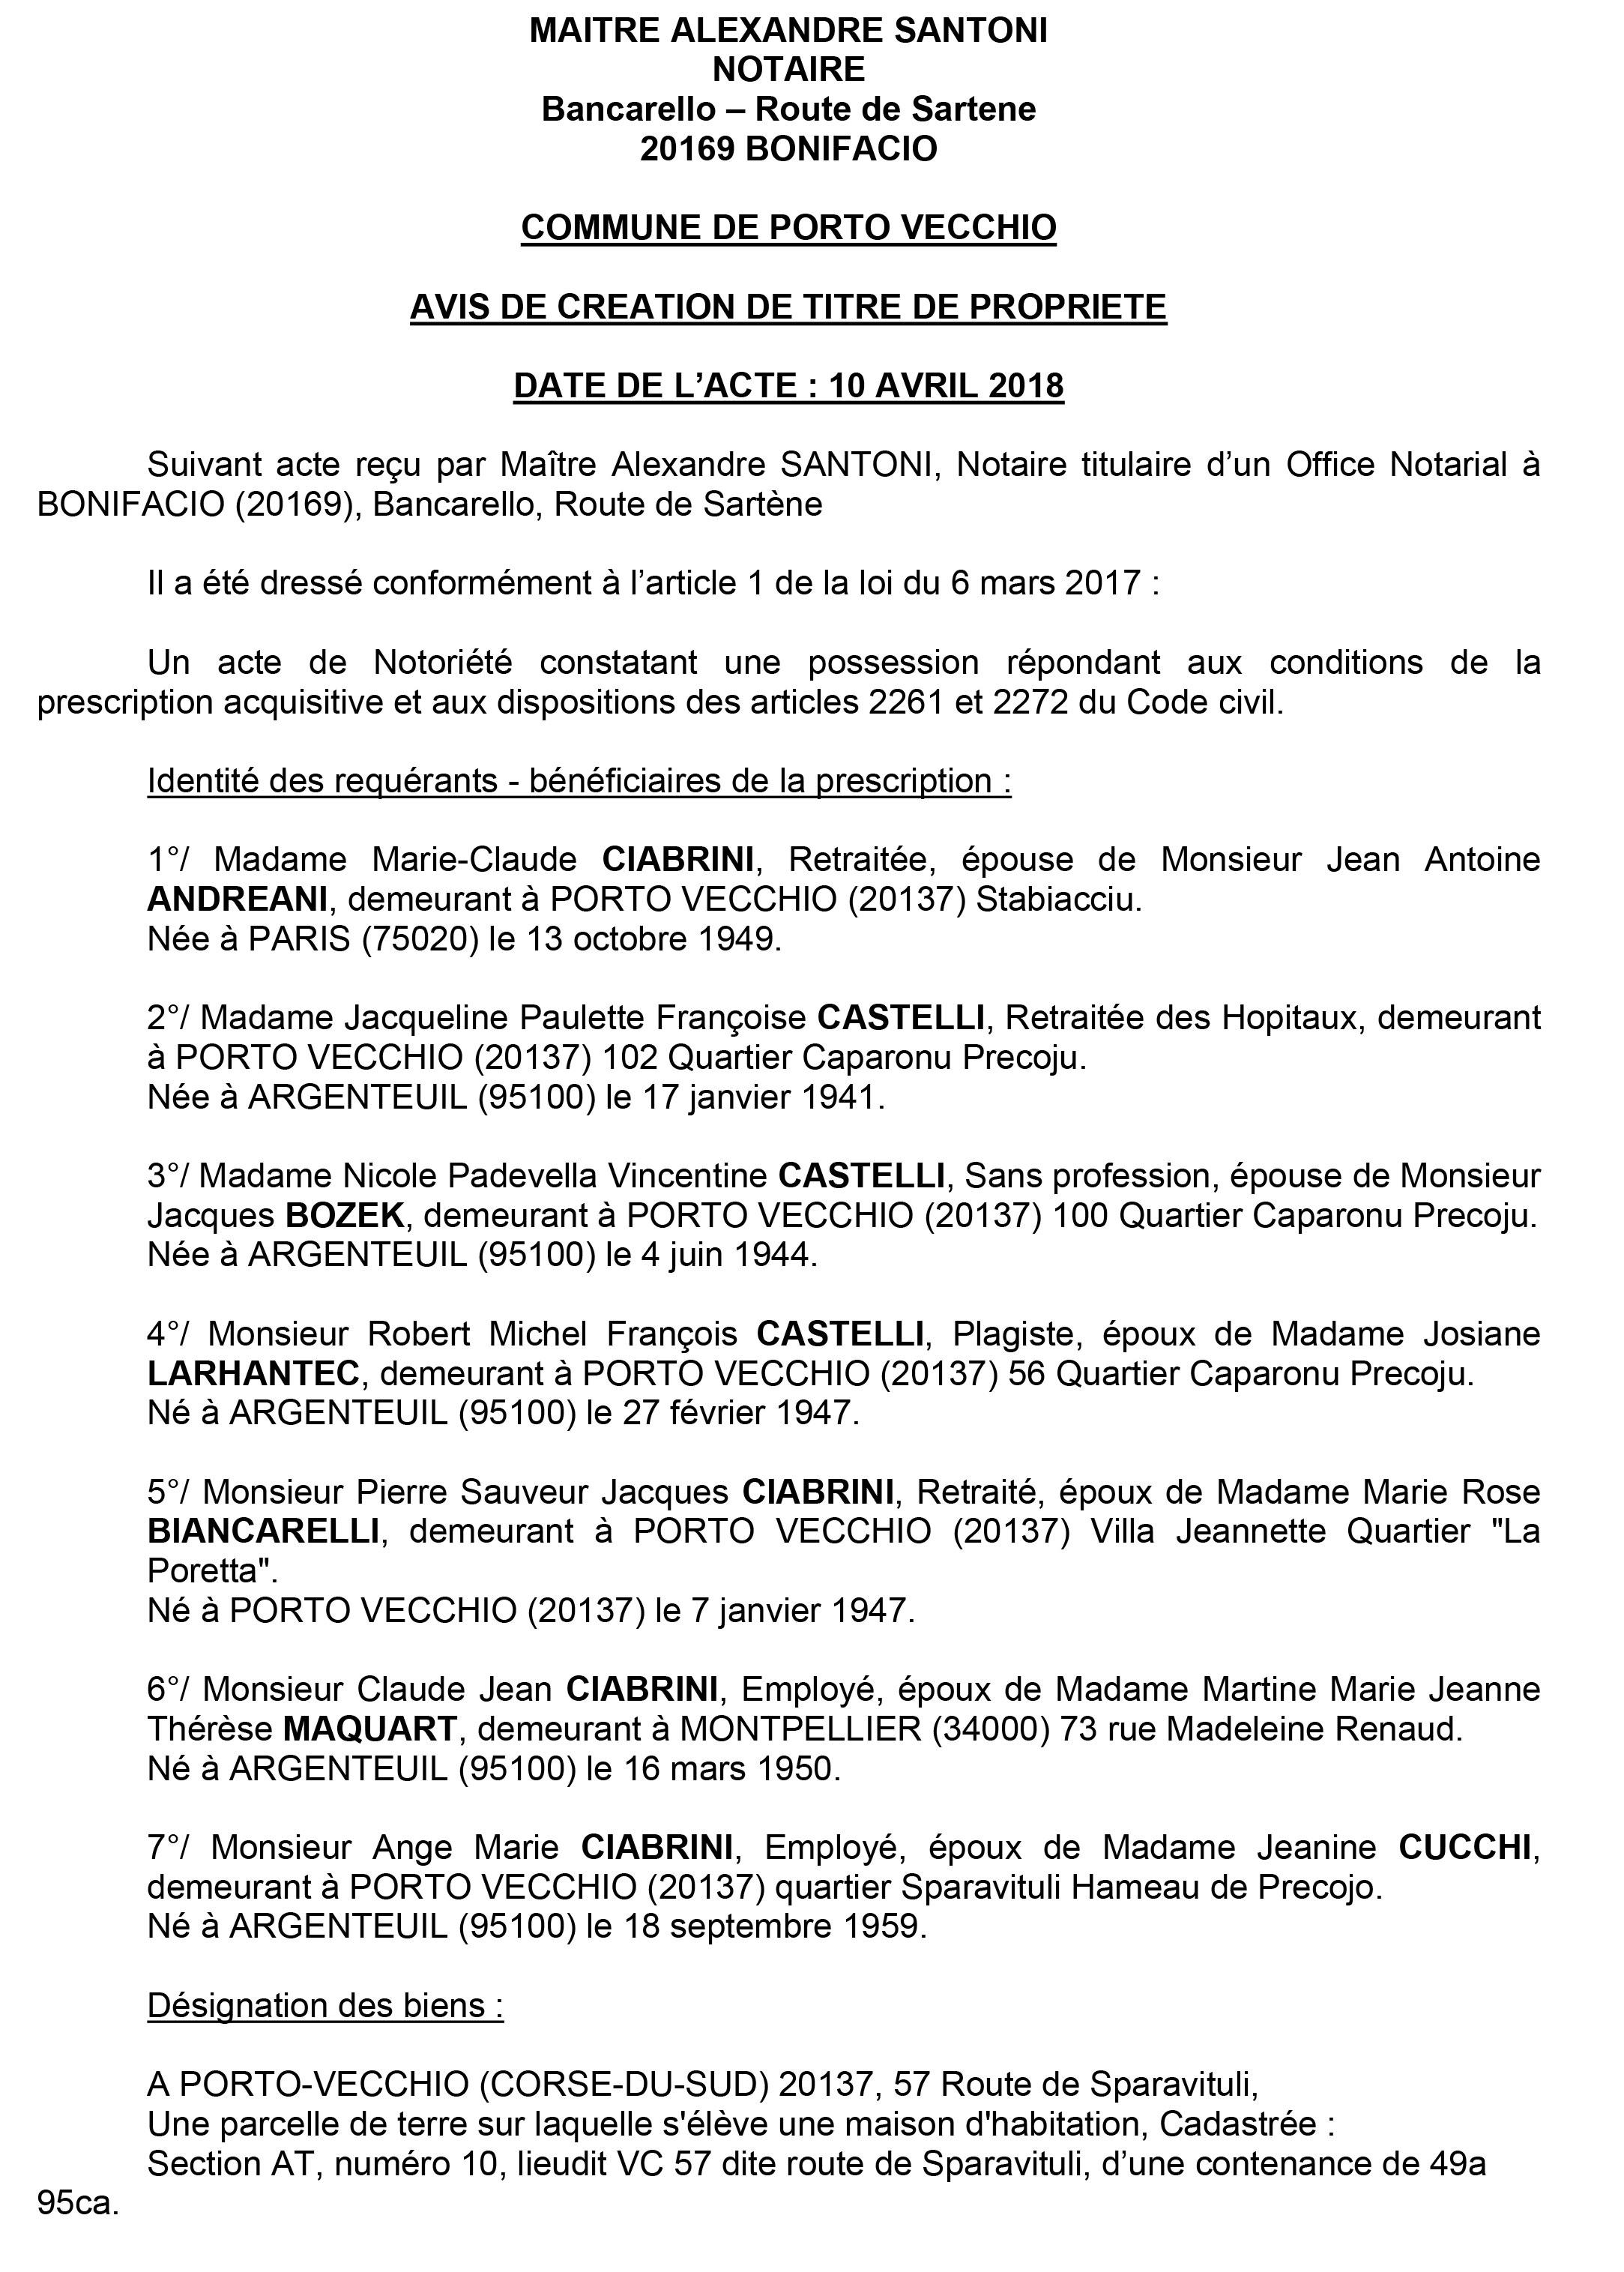 Avis de création de titre de propriété - commune de Porto Vecchio (Corse du Sud)